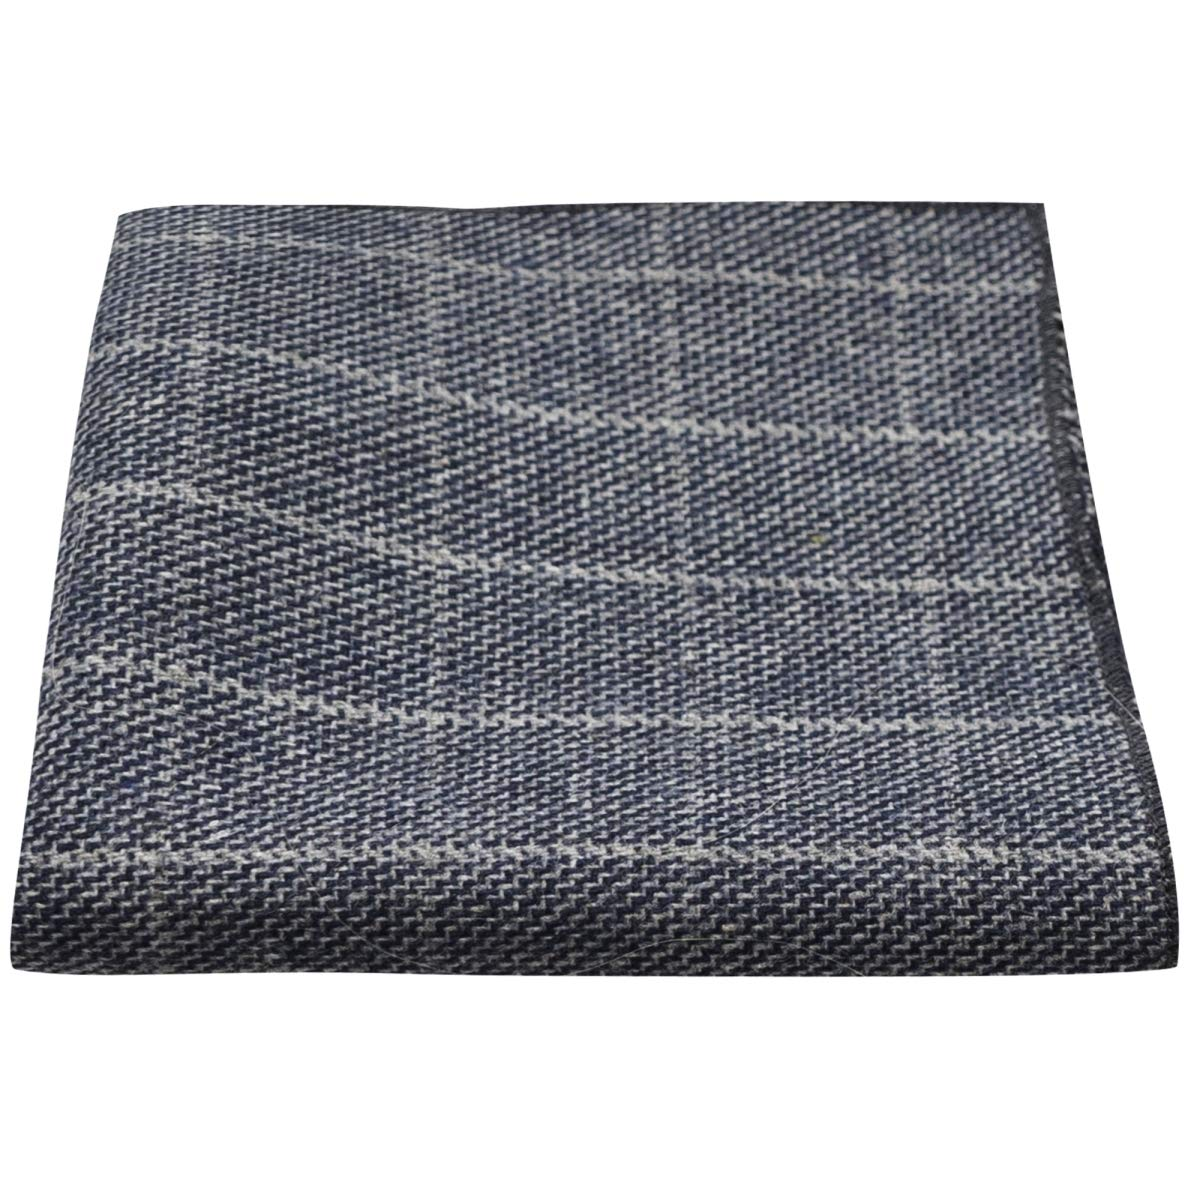 King /& Priory Fazzoletto da taschino color azzurro pietra a quadri in tessuto con disegno a occhio di pernice Pochette